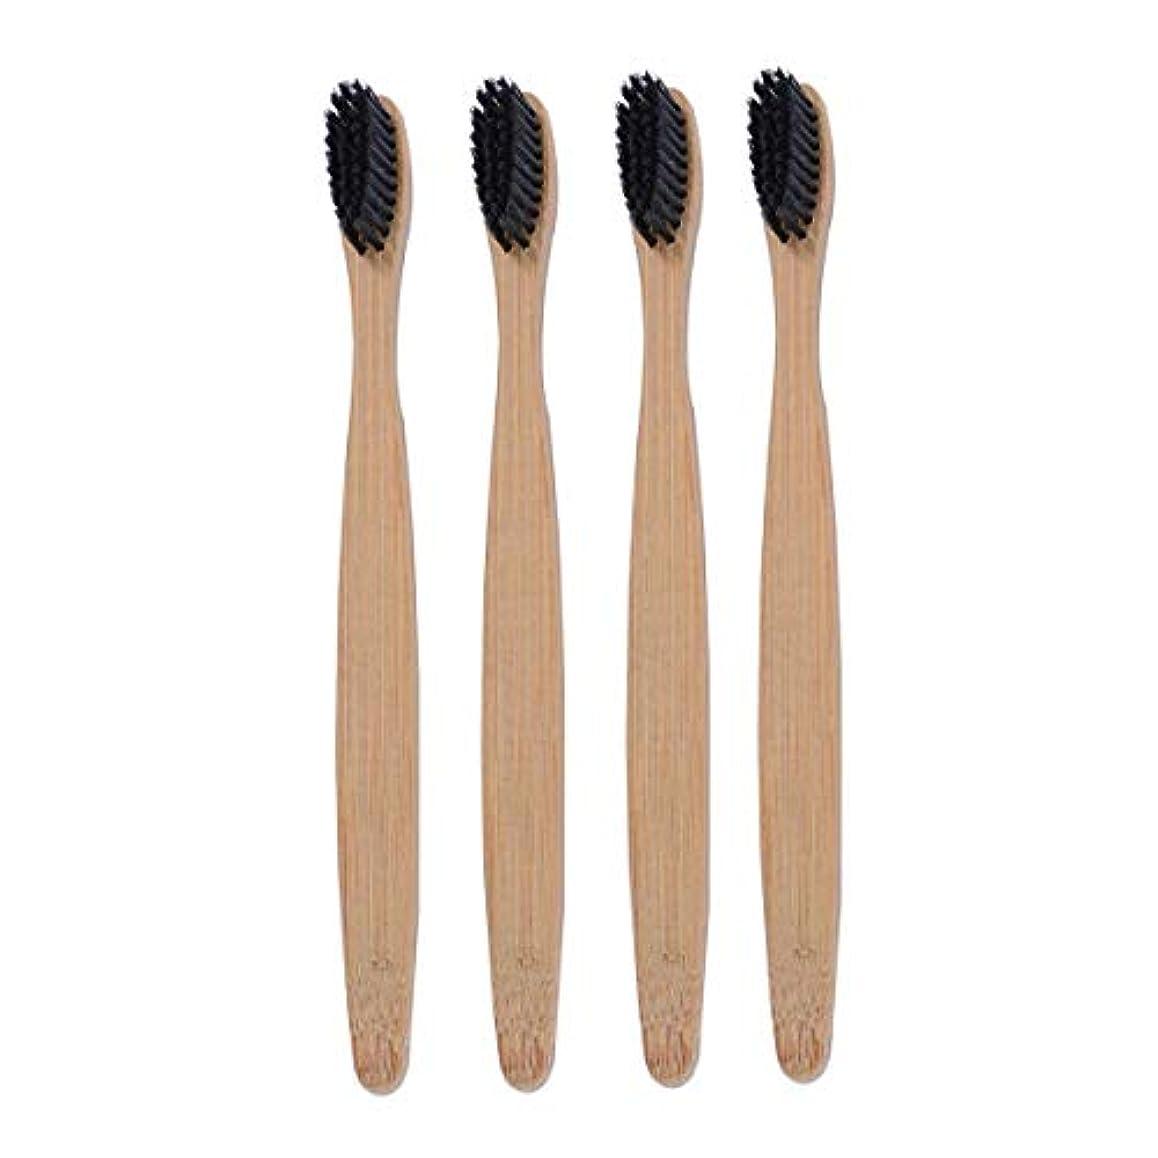 論理ビーチ欠如Healifty 竹炭の歯ブラシ 竹の歯ブラシ 分解性 環境保護の歯ブラシ 天然の柔らかいブラシ 4本入(黑)